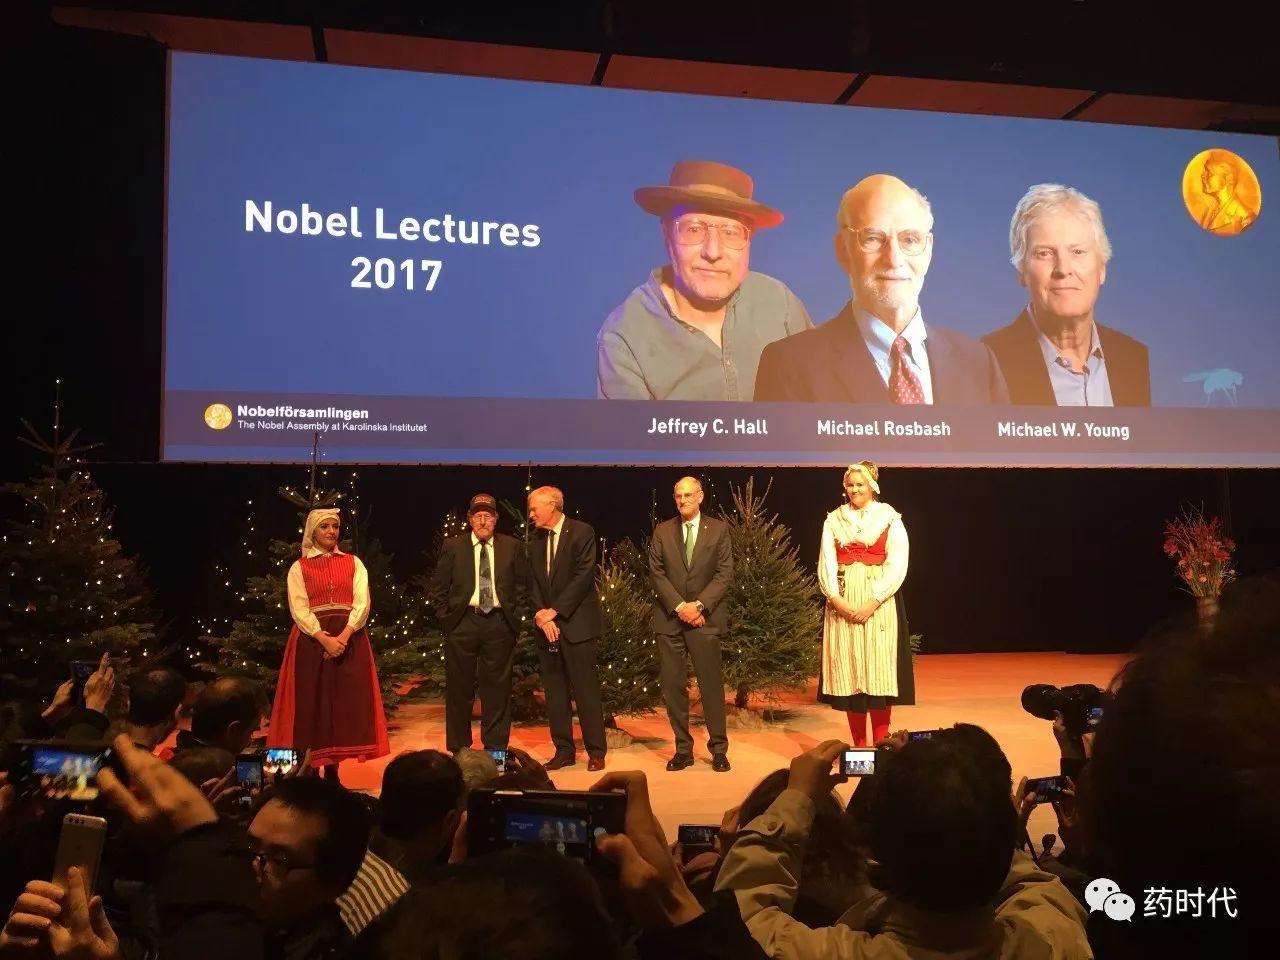 独家 | 直击2017年诺贝尔生理和医学奖获奖演说